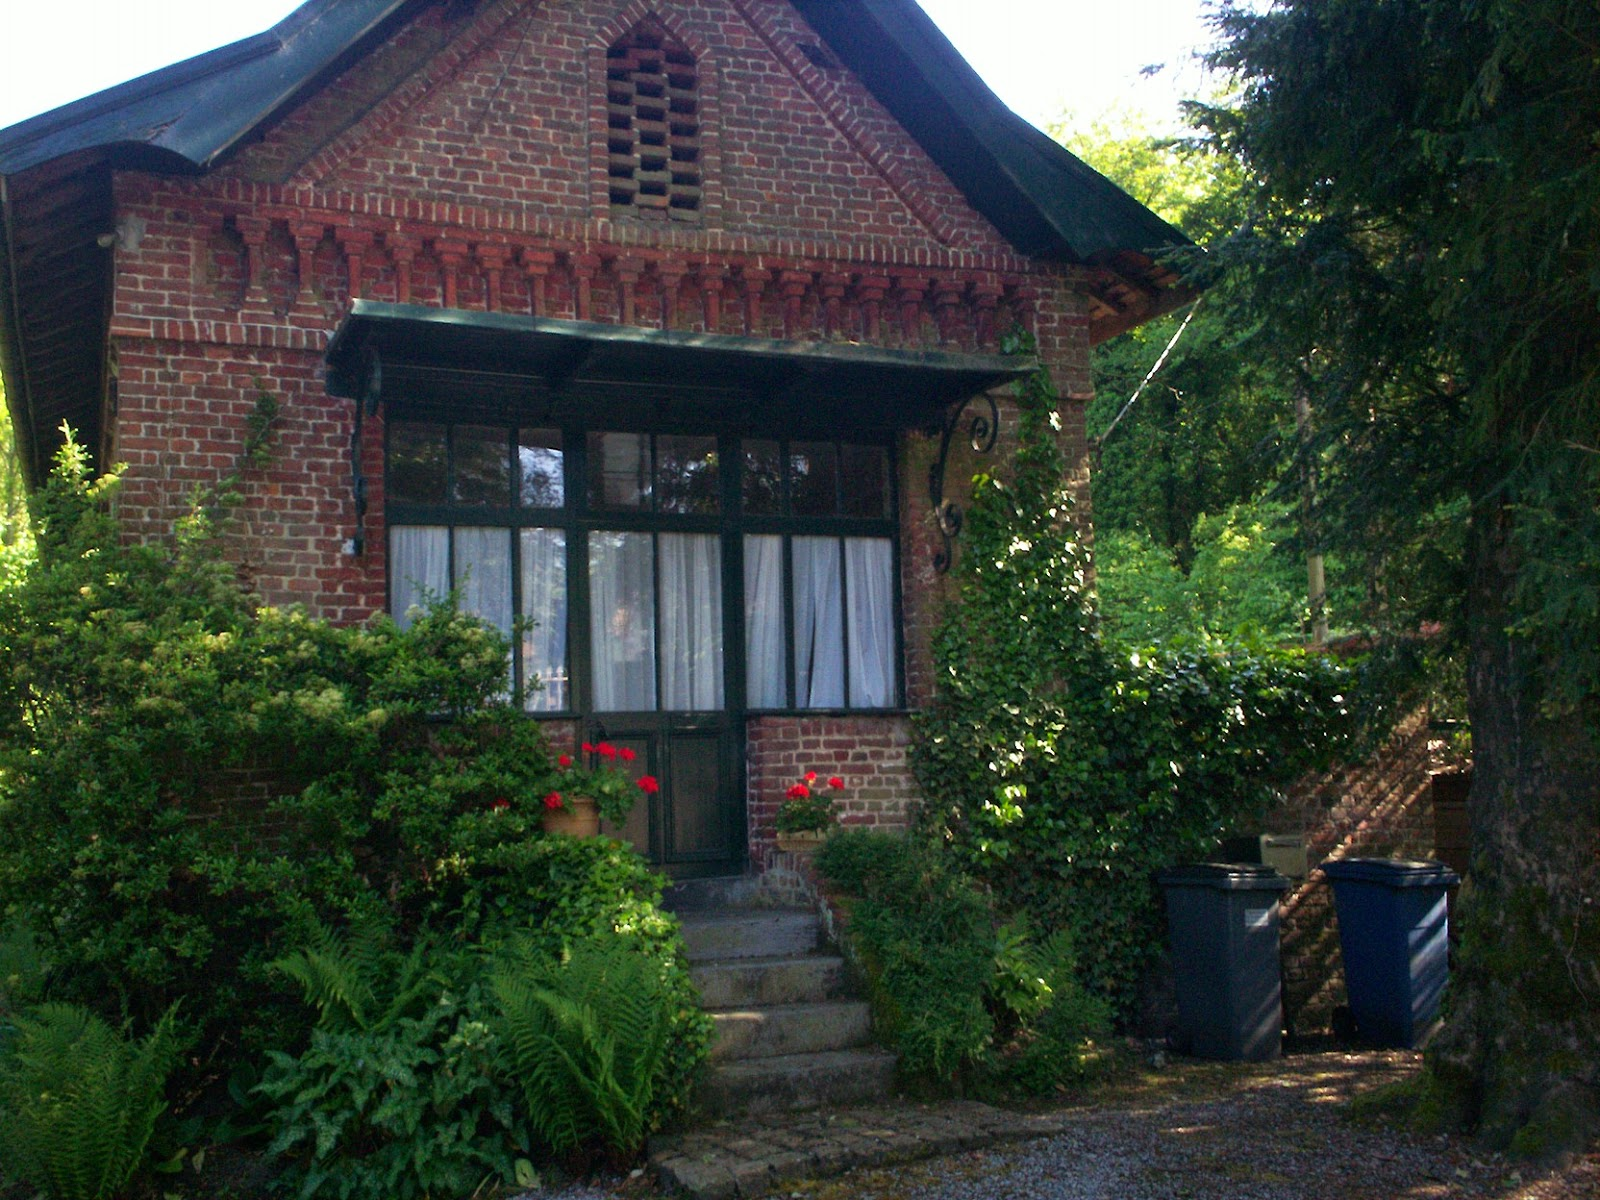 Mon ex ath belgique - 3 part 6